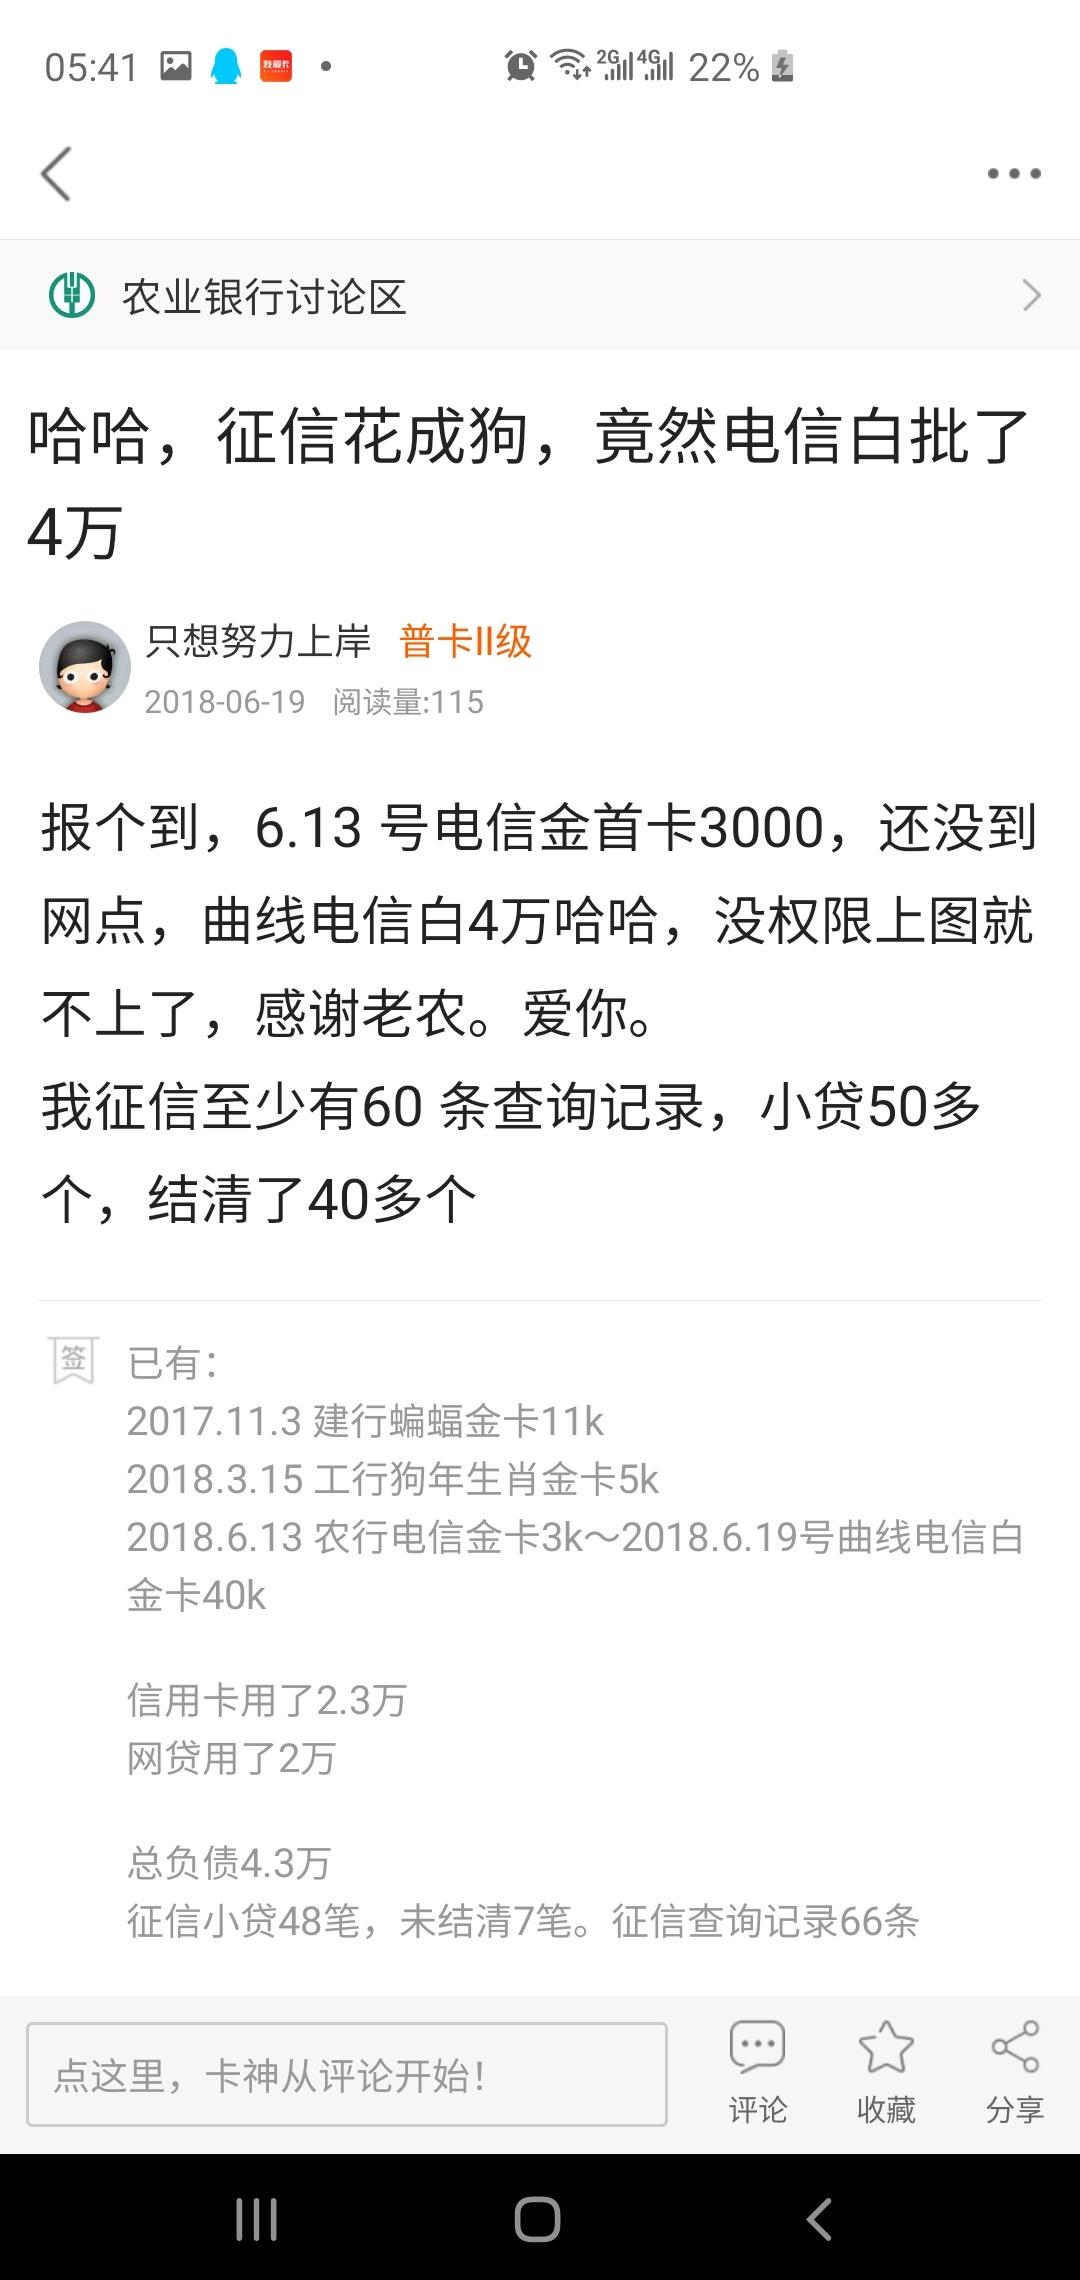 苏宁任性贷刚刚通过了1万8 今天申请了3个,豆豆钱,携程,苏宁金融。白天前2个秒拒,51 / 作者:yangyang1993 /